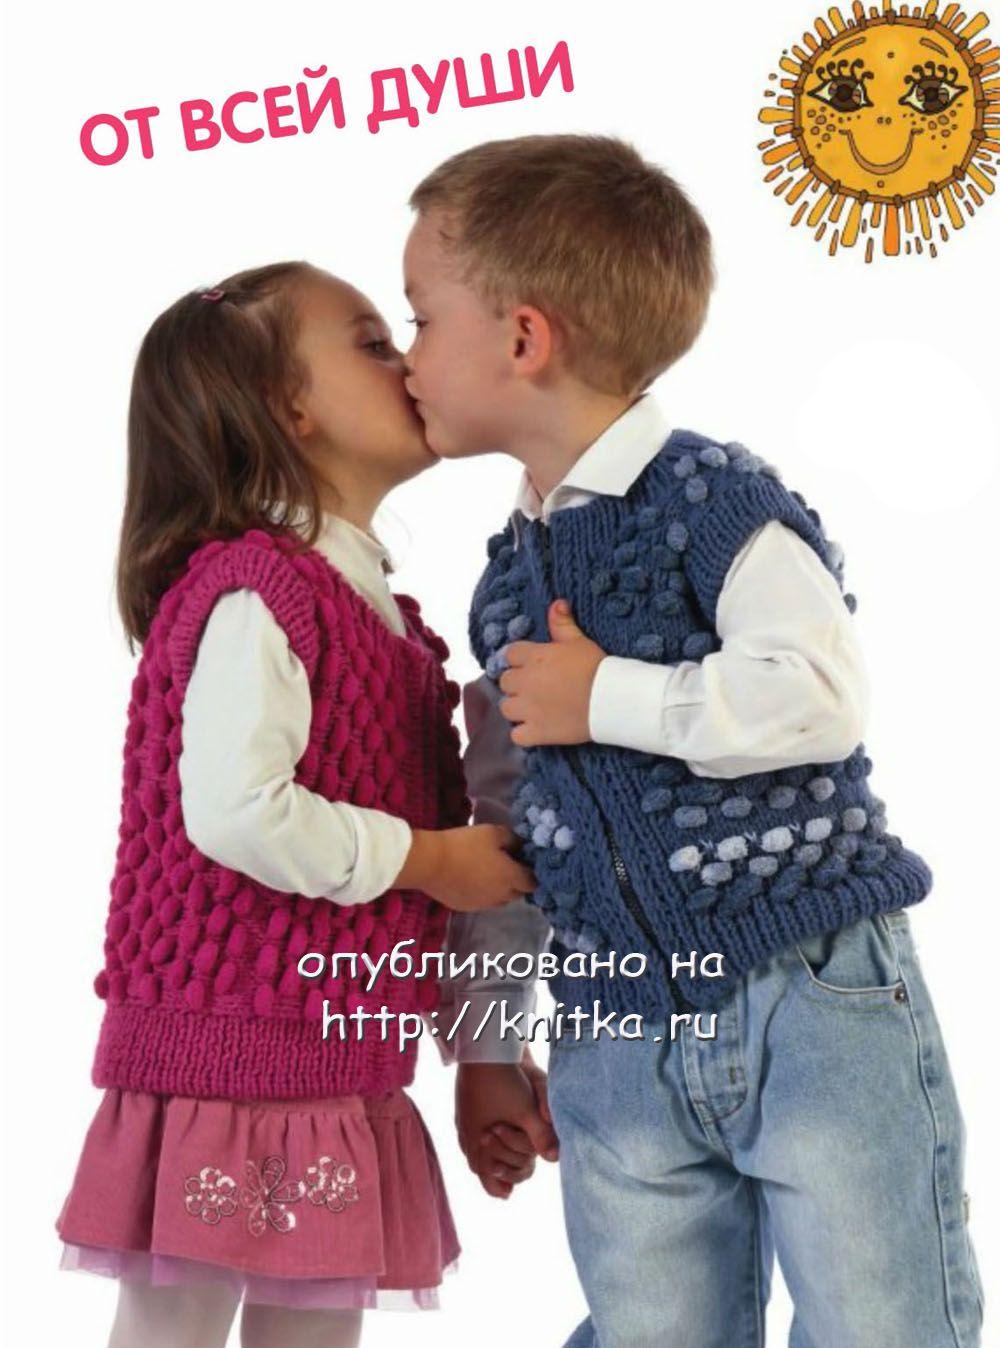 Вязание спицами и крючком: модели схемы узоры журналы дети бесплатно скачать.